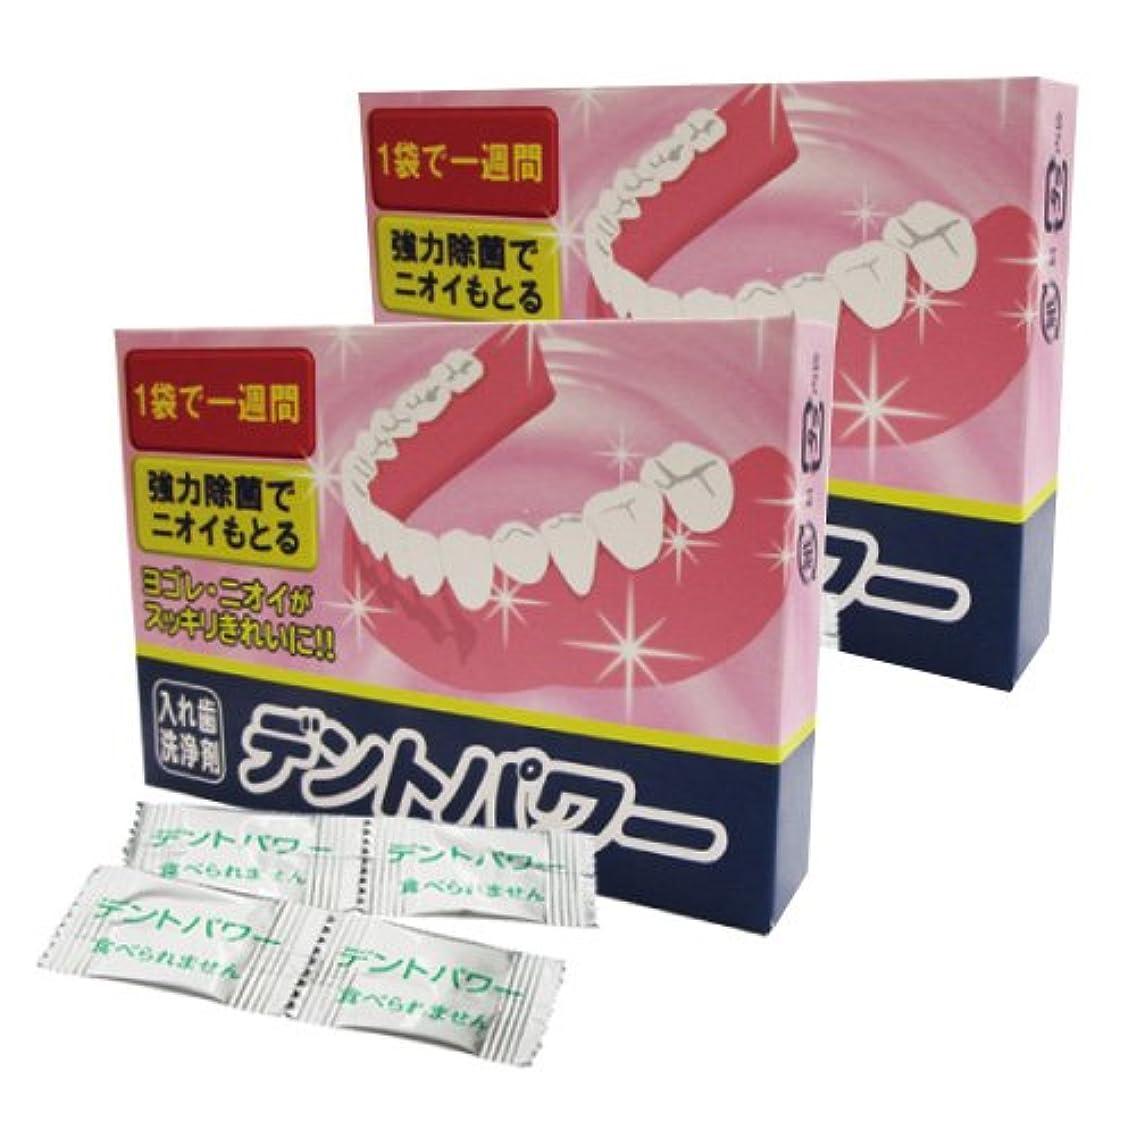 レンディション輸送考古学的なデントパワー 入れ歯洗浄剤 5ヵ月用x2個セット